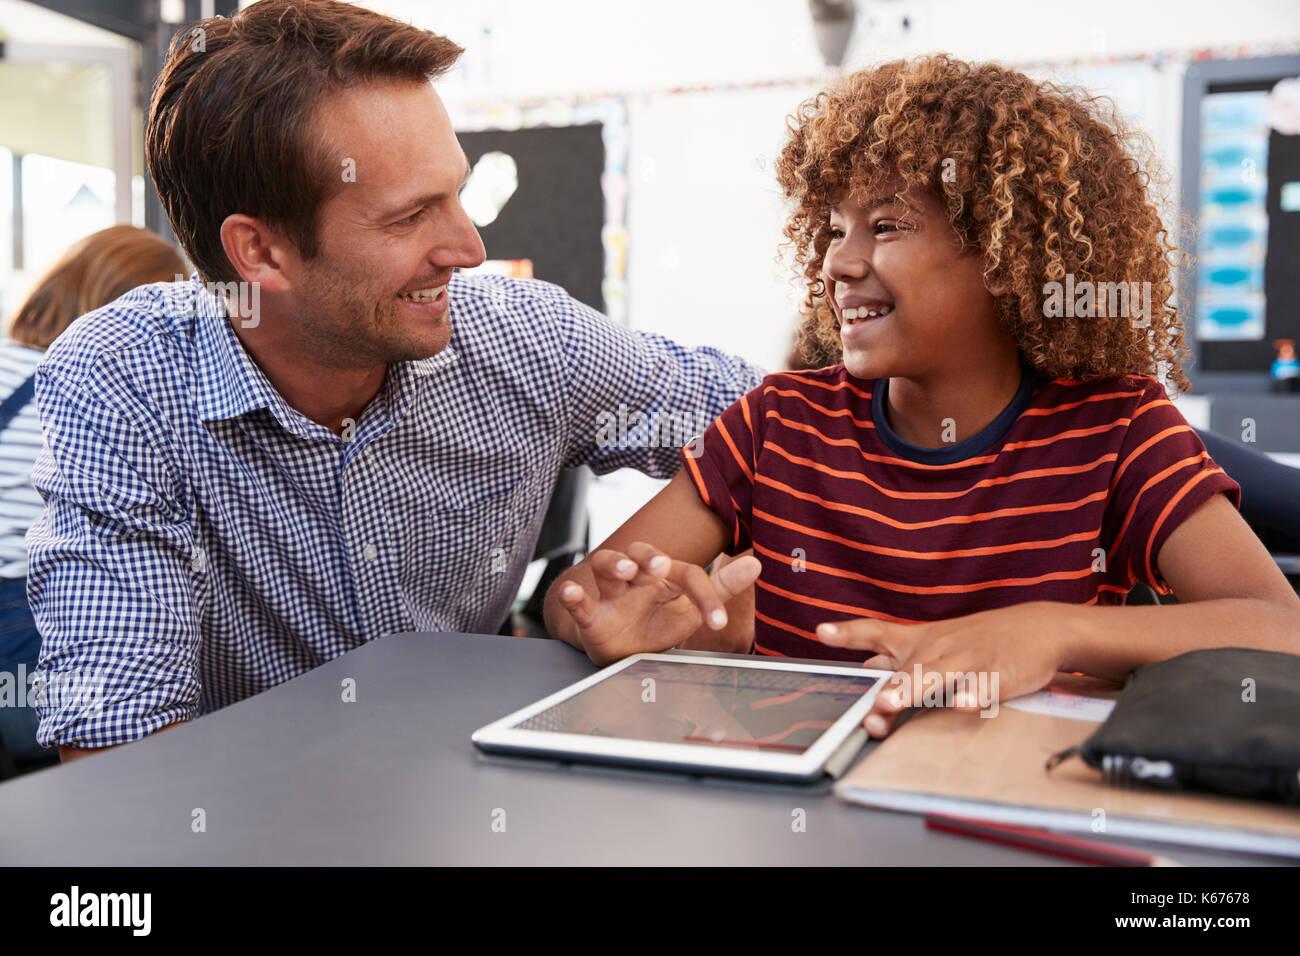 Profesor y estudiante con tablet mirarse Imagen De Stock